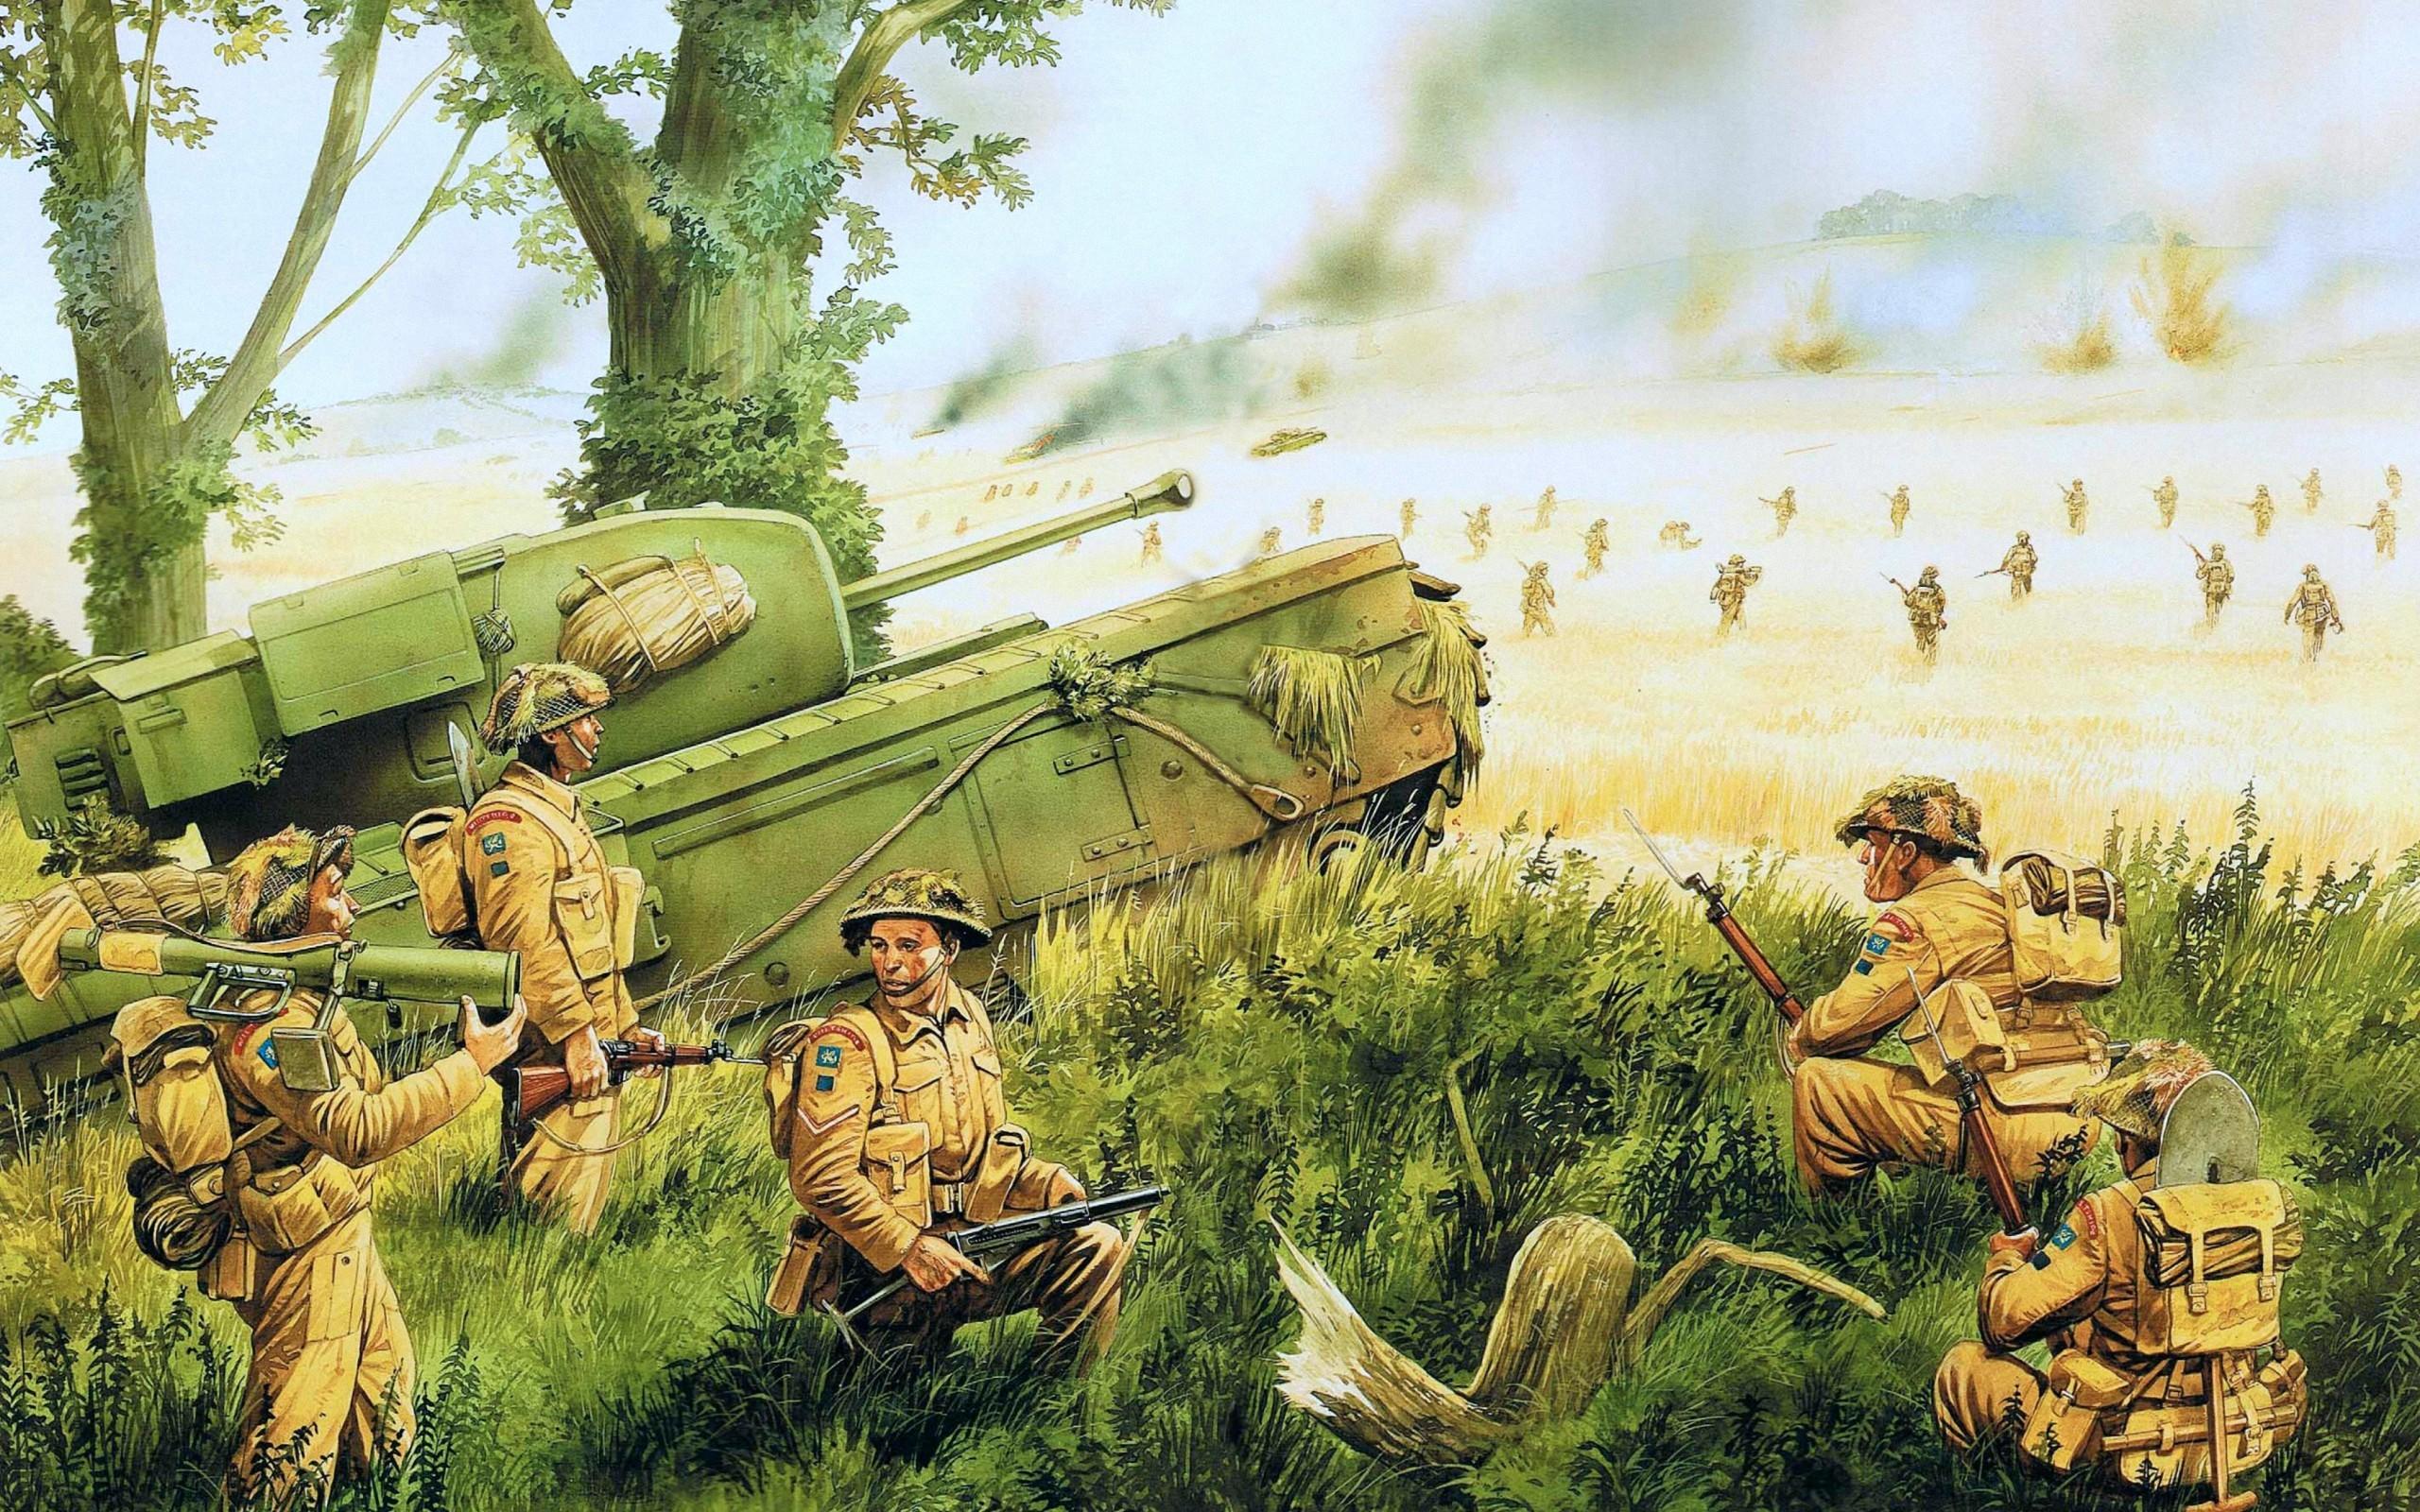 Военная техника с солдатами картинки для детей, мужские картинки